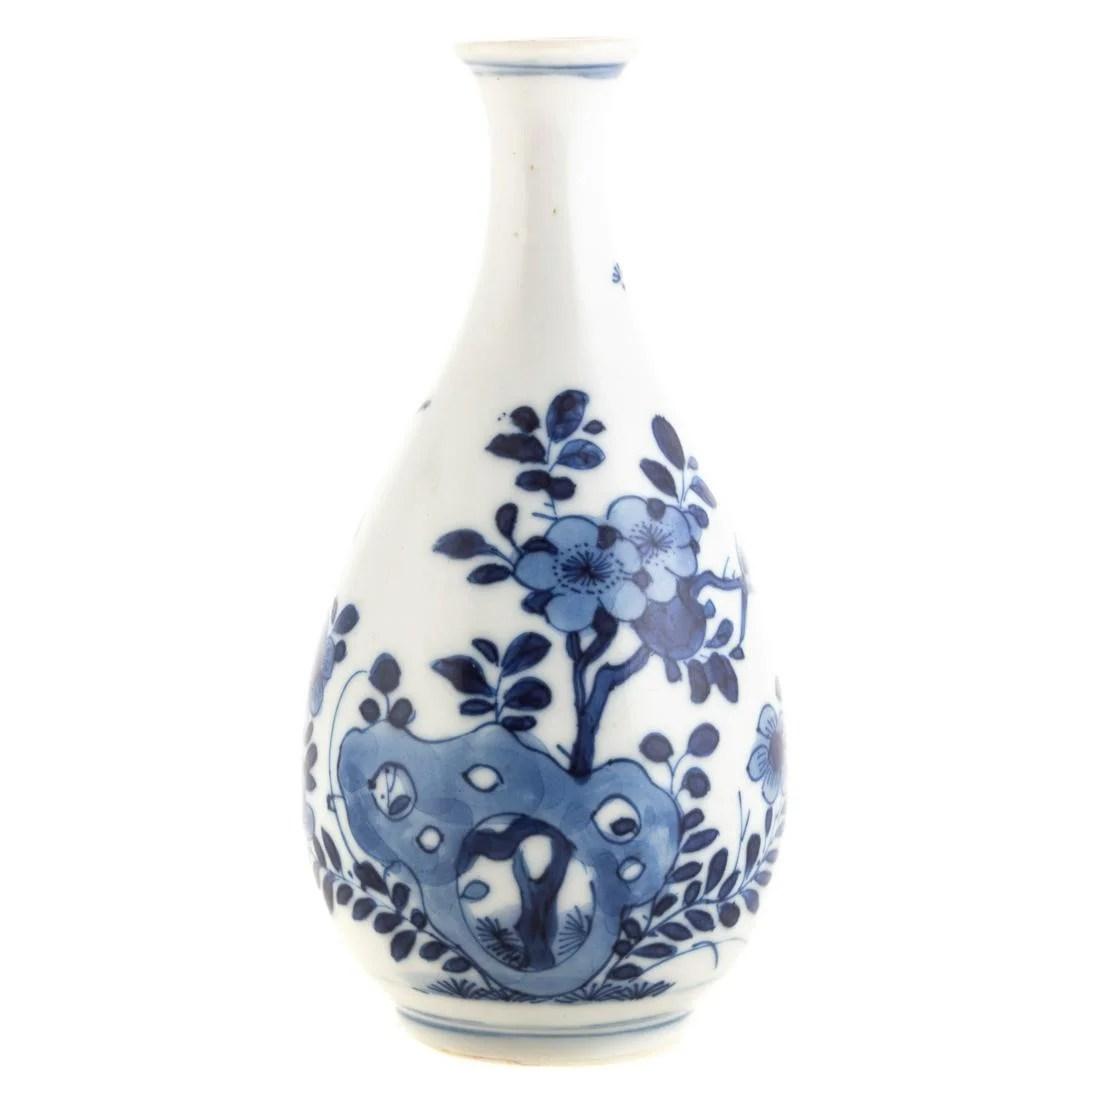 Chinese Kangxi Blue and White Bottle Vase